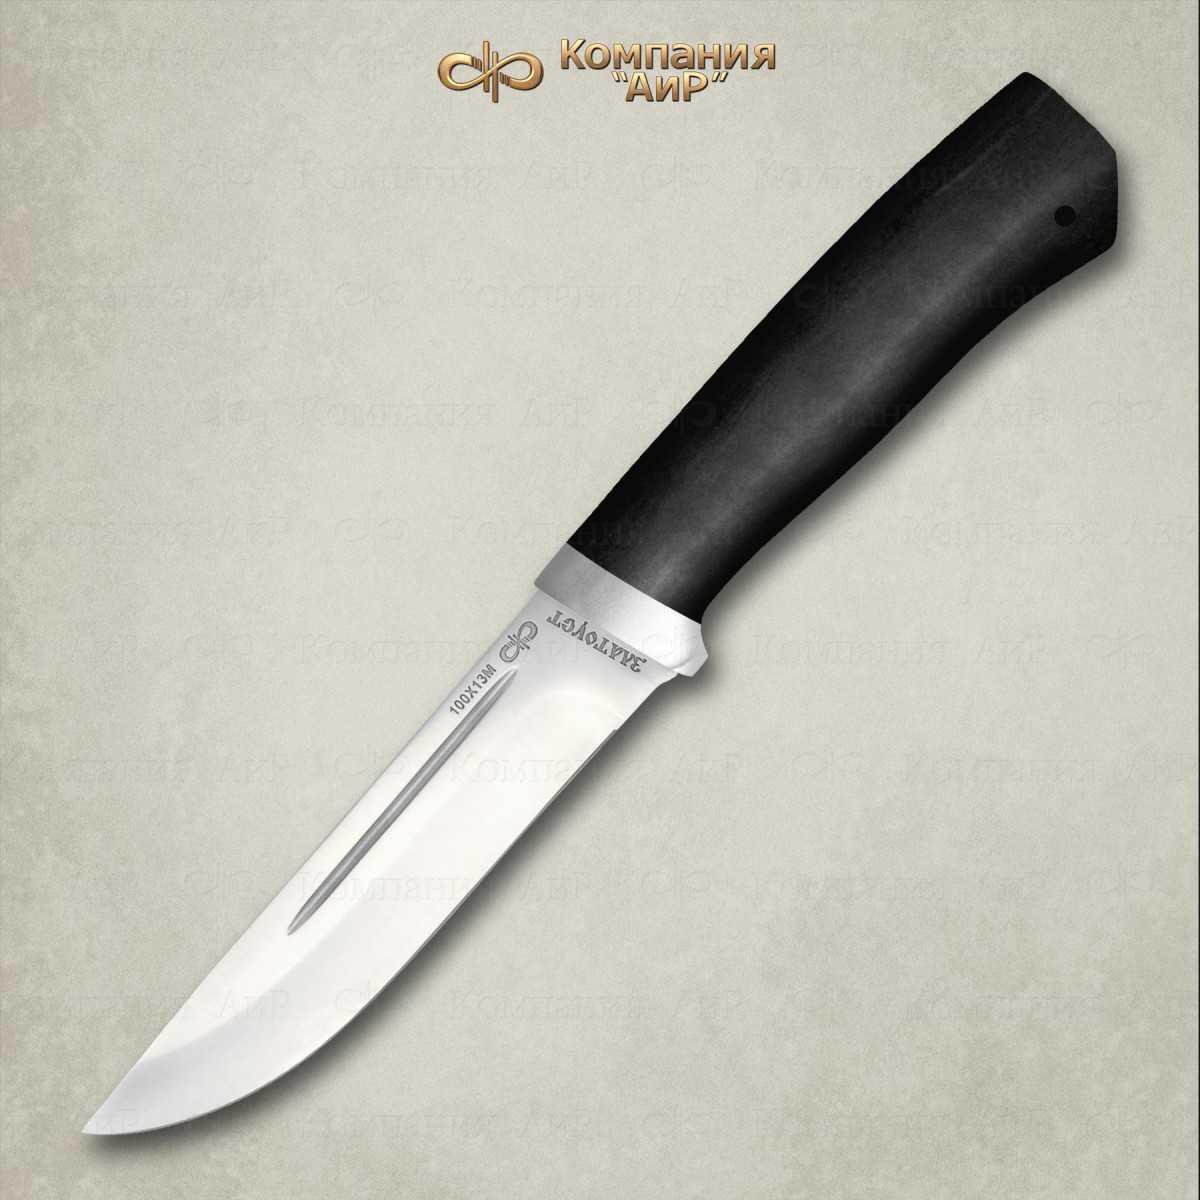 Нож Бекас, 100х13м, граб, АиР